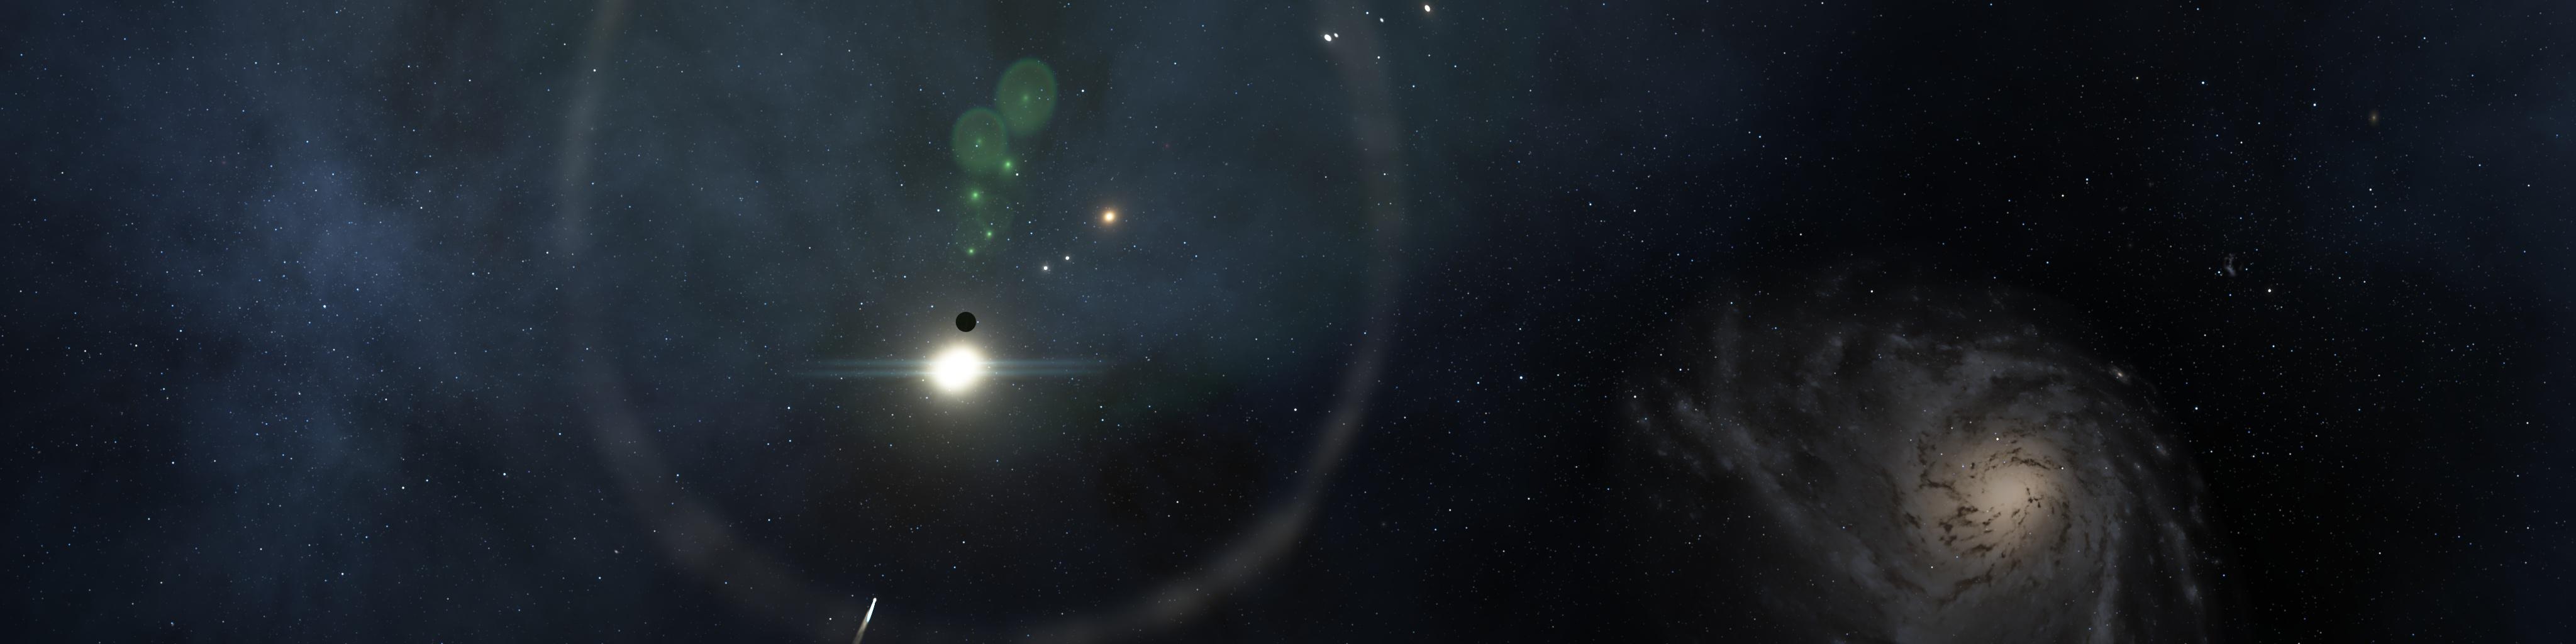 星系全景.png